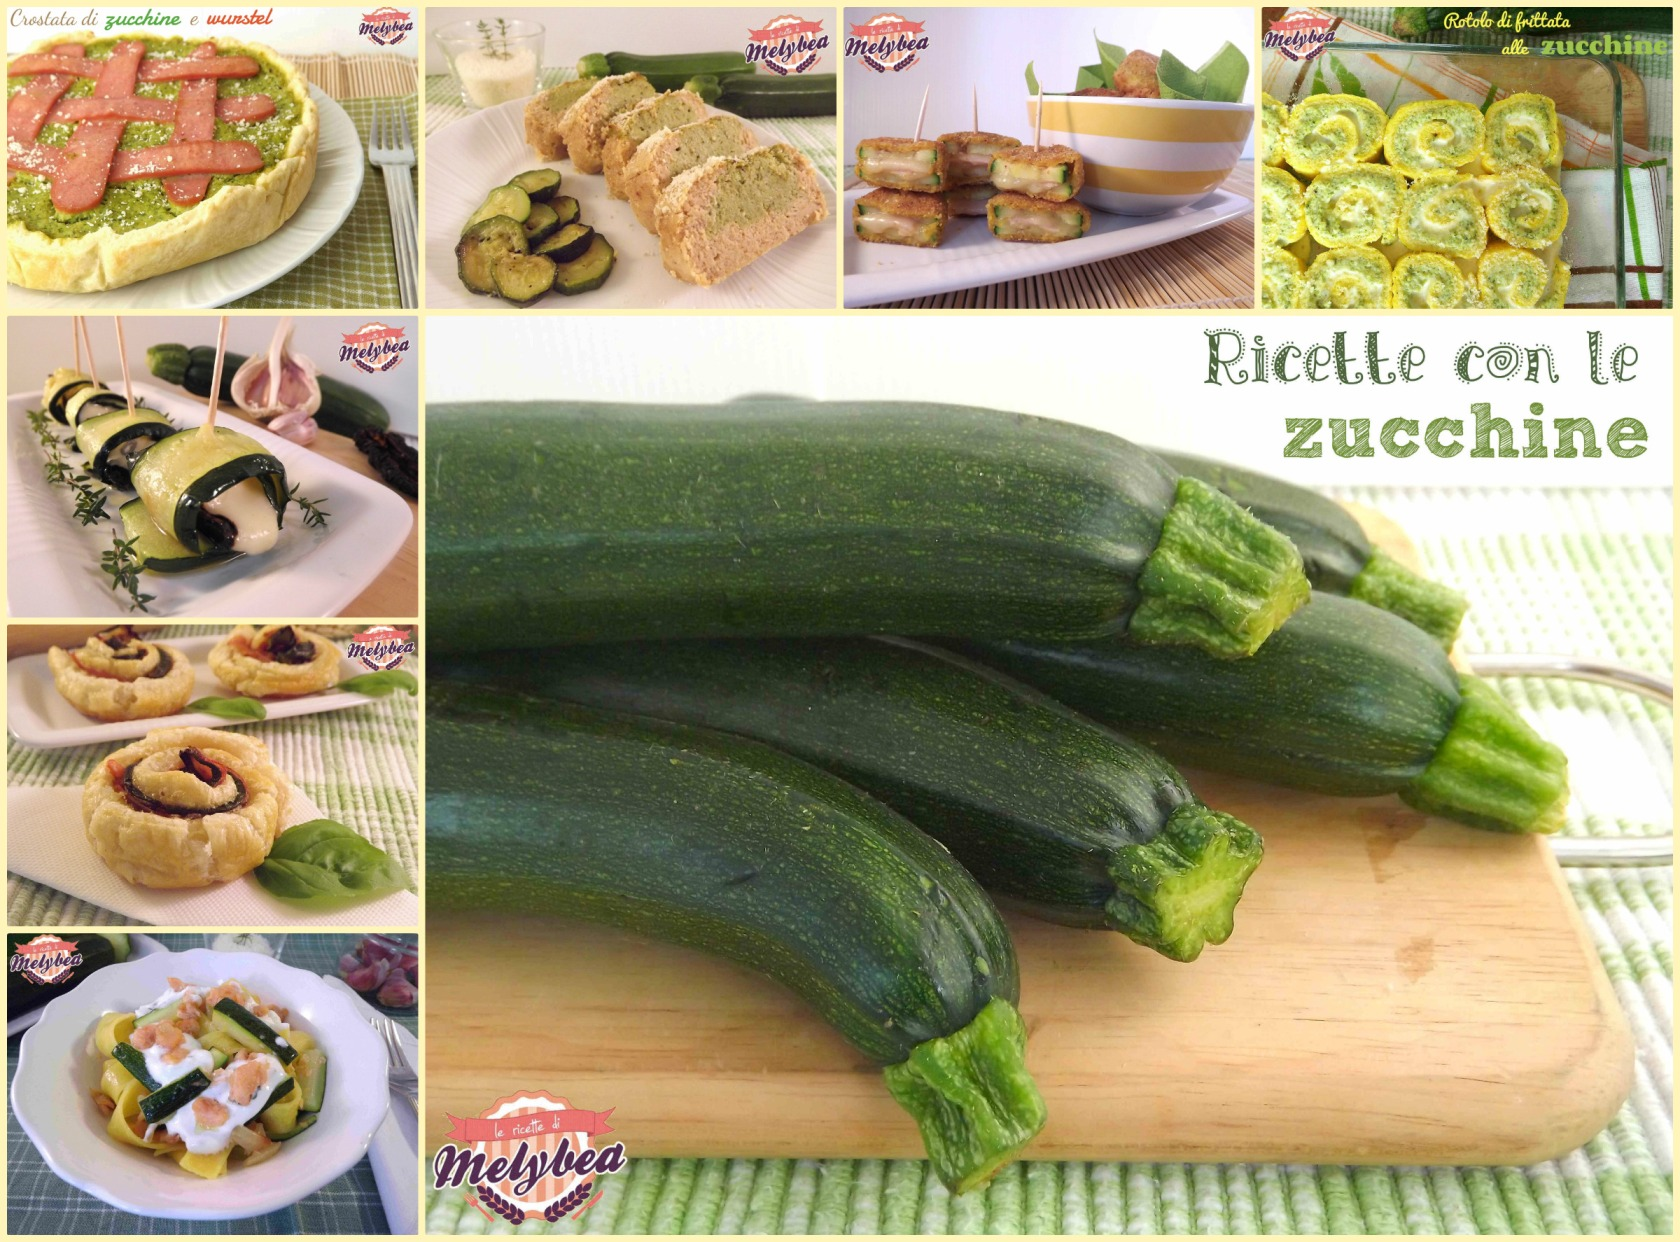 ricette con le zucchine collage